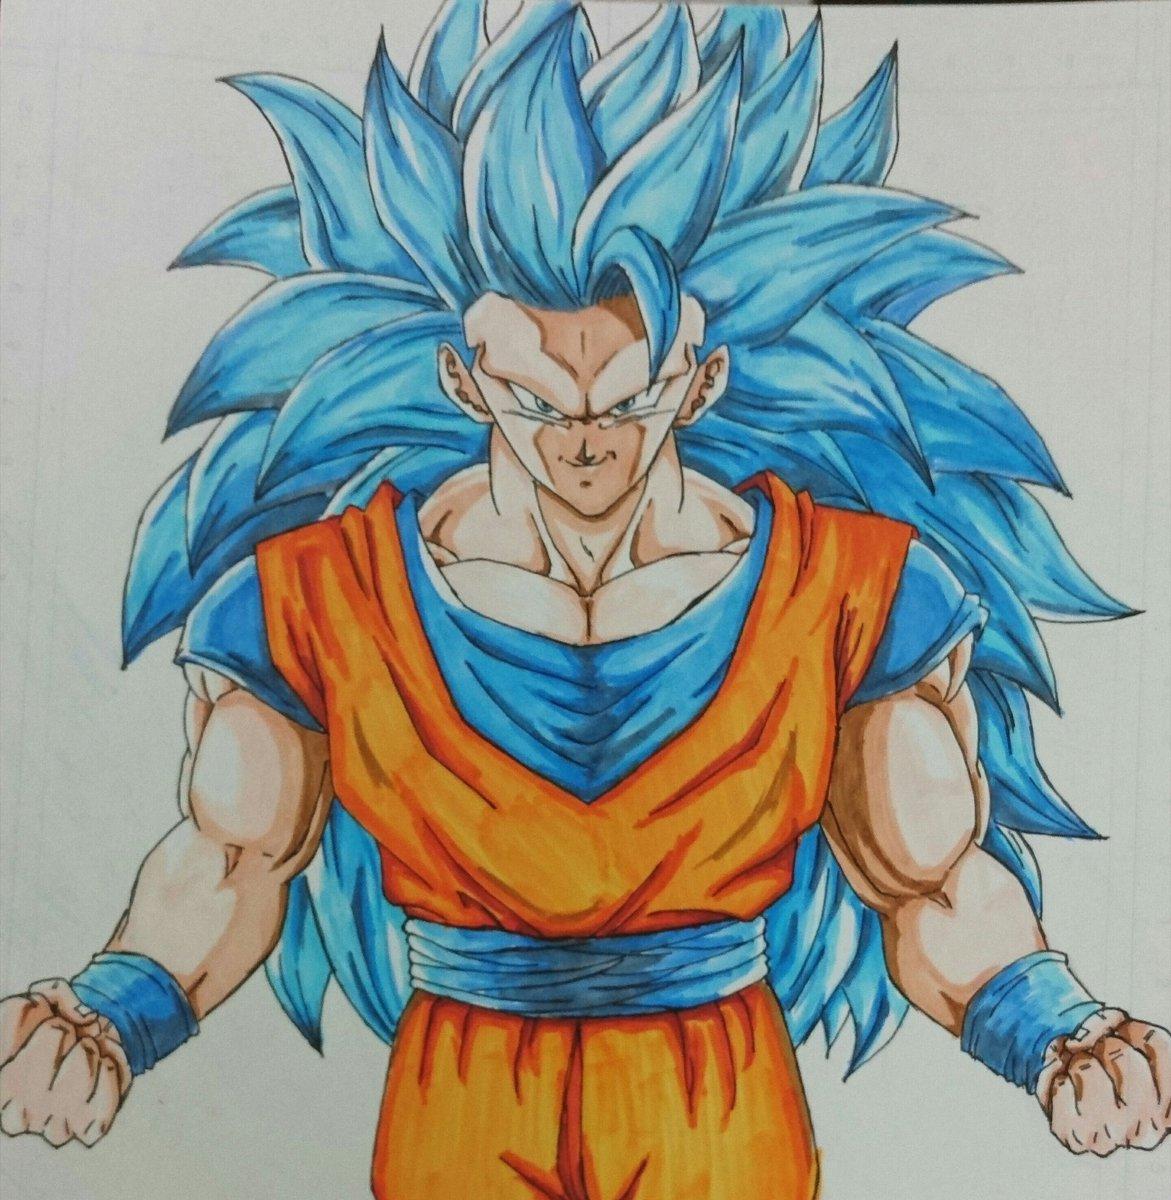 Yuzユズ On Twitter ついに完成超サイヤ人ブルー3です髪が多いと